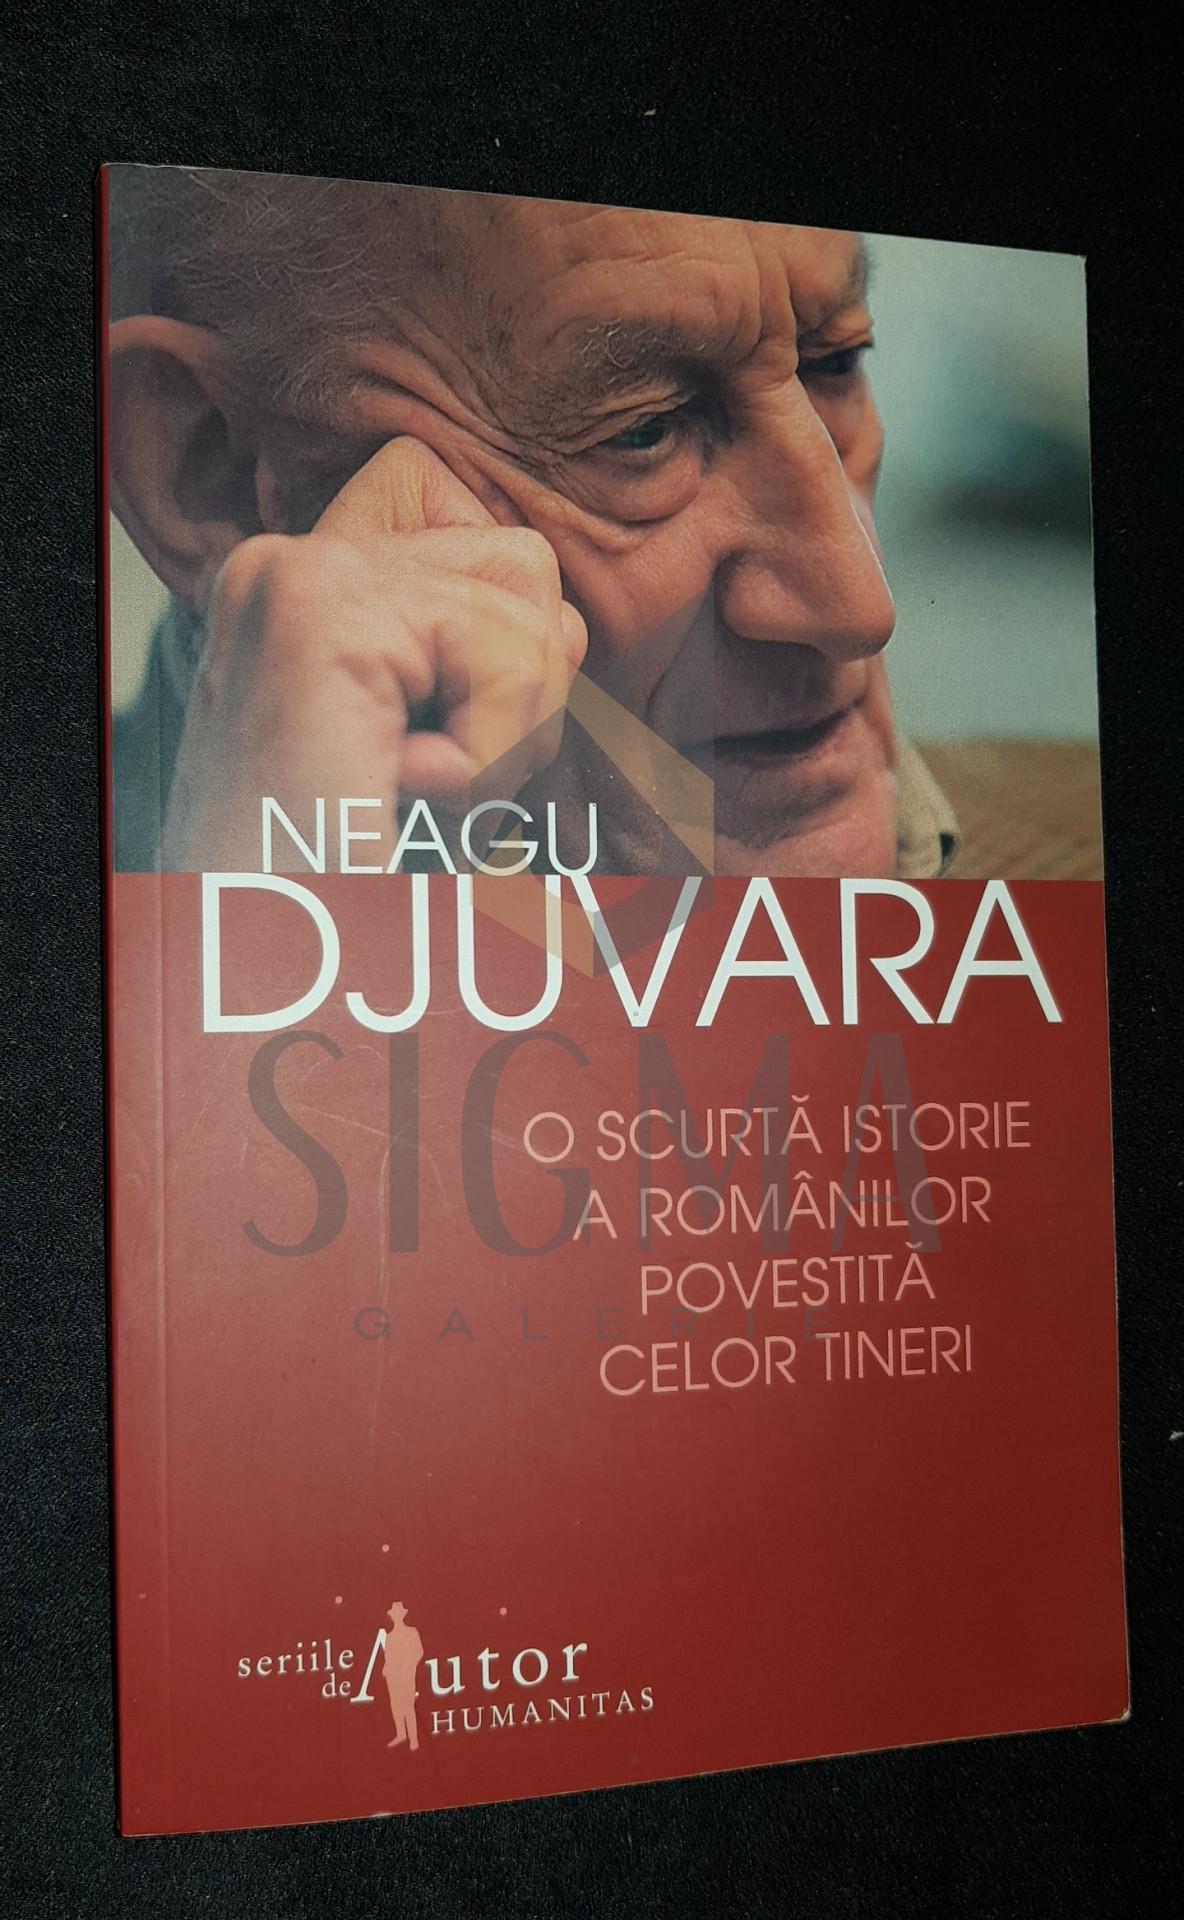 DJUVARA NEAGU